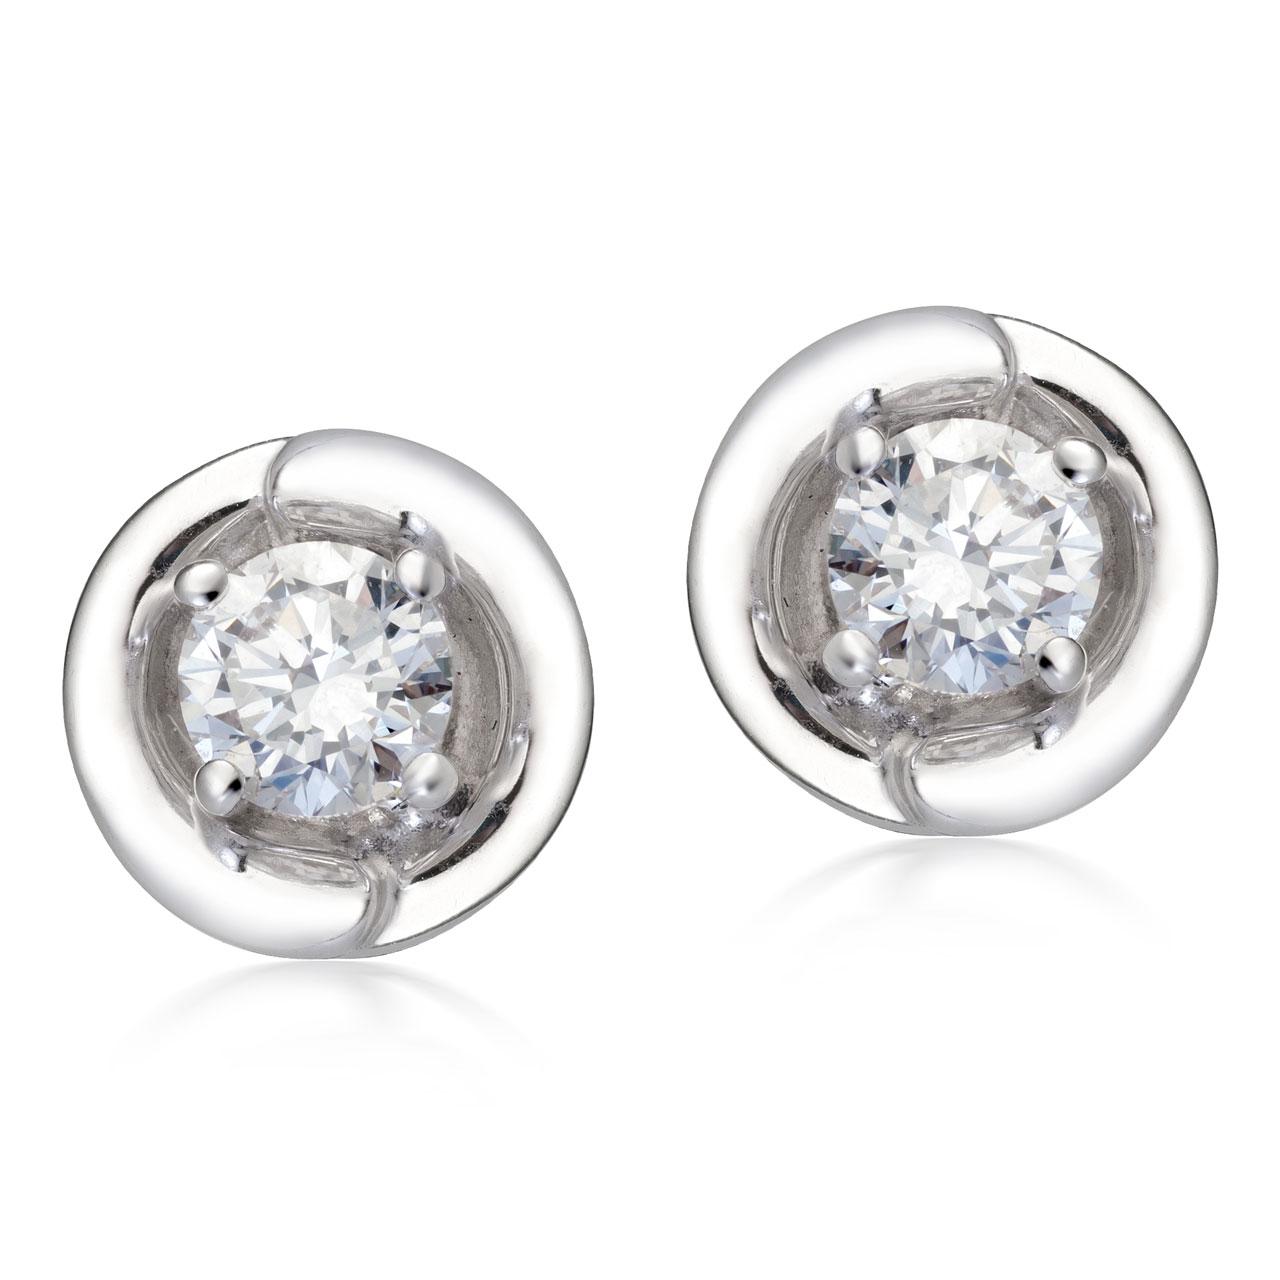 Bông Tai Kim Cương PNJ First Diamond Vàng trắng 14K 85102.501 - 3821832 , GBDRWA85102_501 , 274_GBDRWA85102_501 , 1554100000 , Bong-Tai-Kim-Cuong-PNJ-First-Diamond-Vang-trang-14K-85102.501-274_GBDRWA85102_501 , pnj.com.vn , Bông Tai Kim Cương PNJ First Diamond Vàng trắng 14K 85102.501